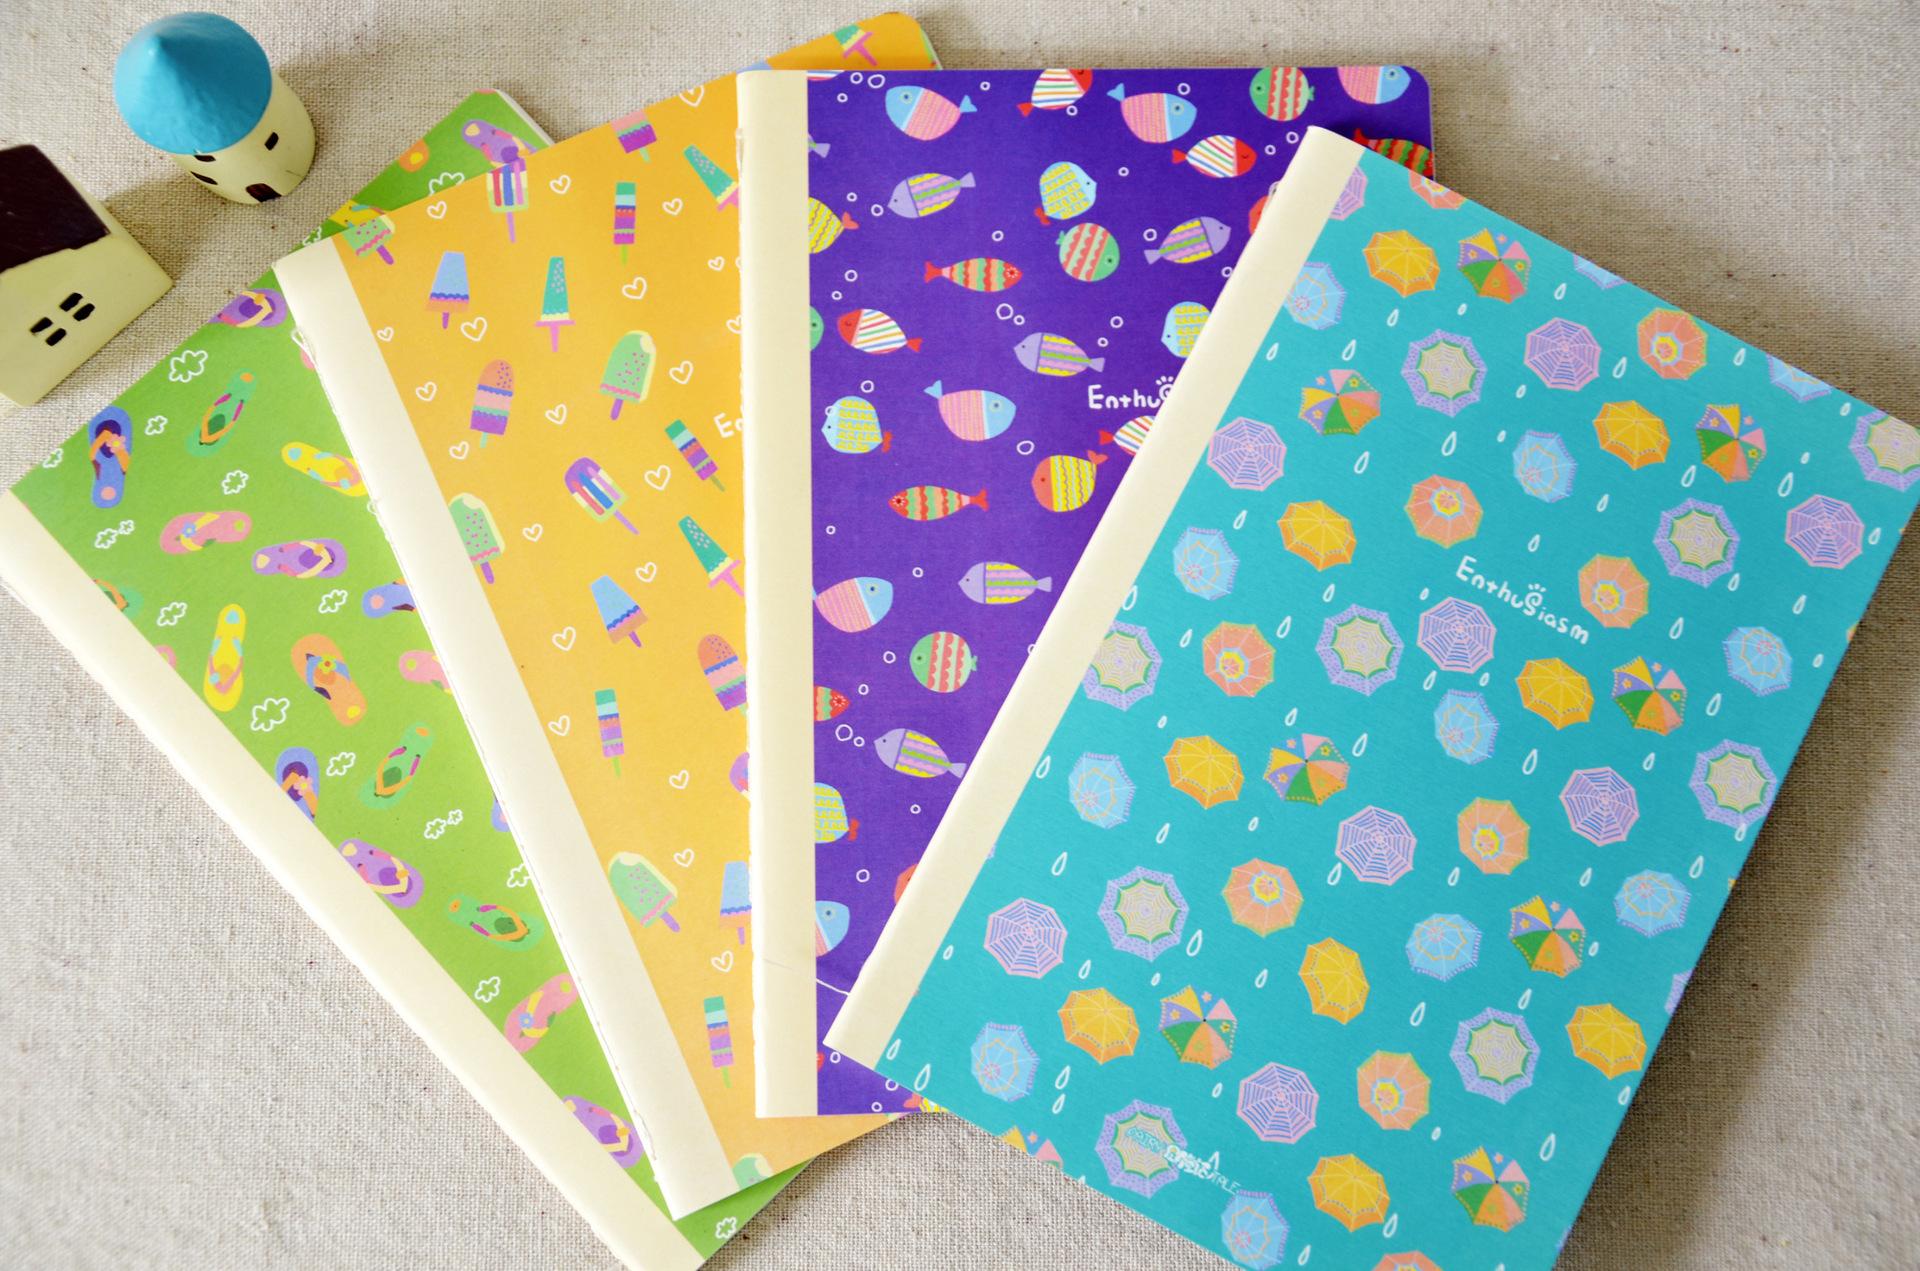 星月童话 韩国创意手绘笔记本 原创设计童趣车线本批发 热情仲夏